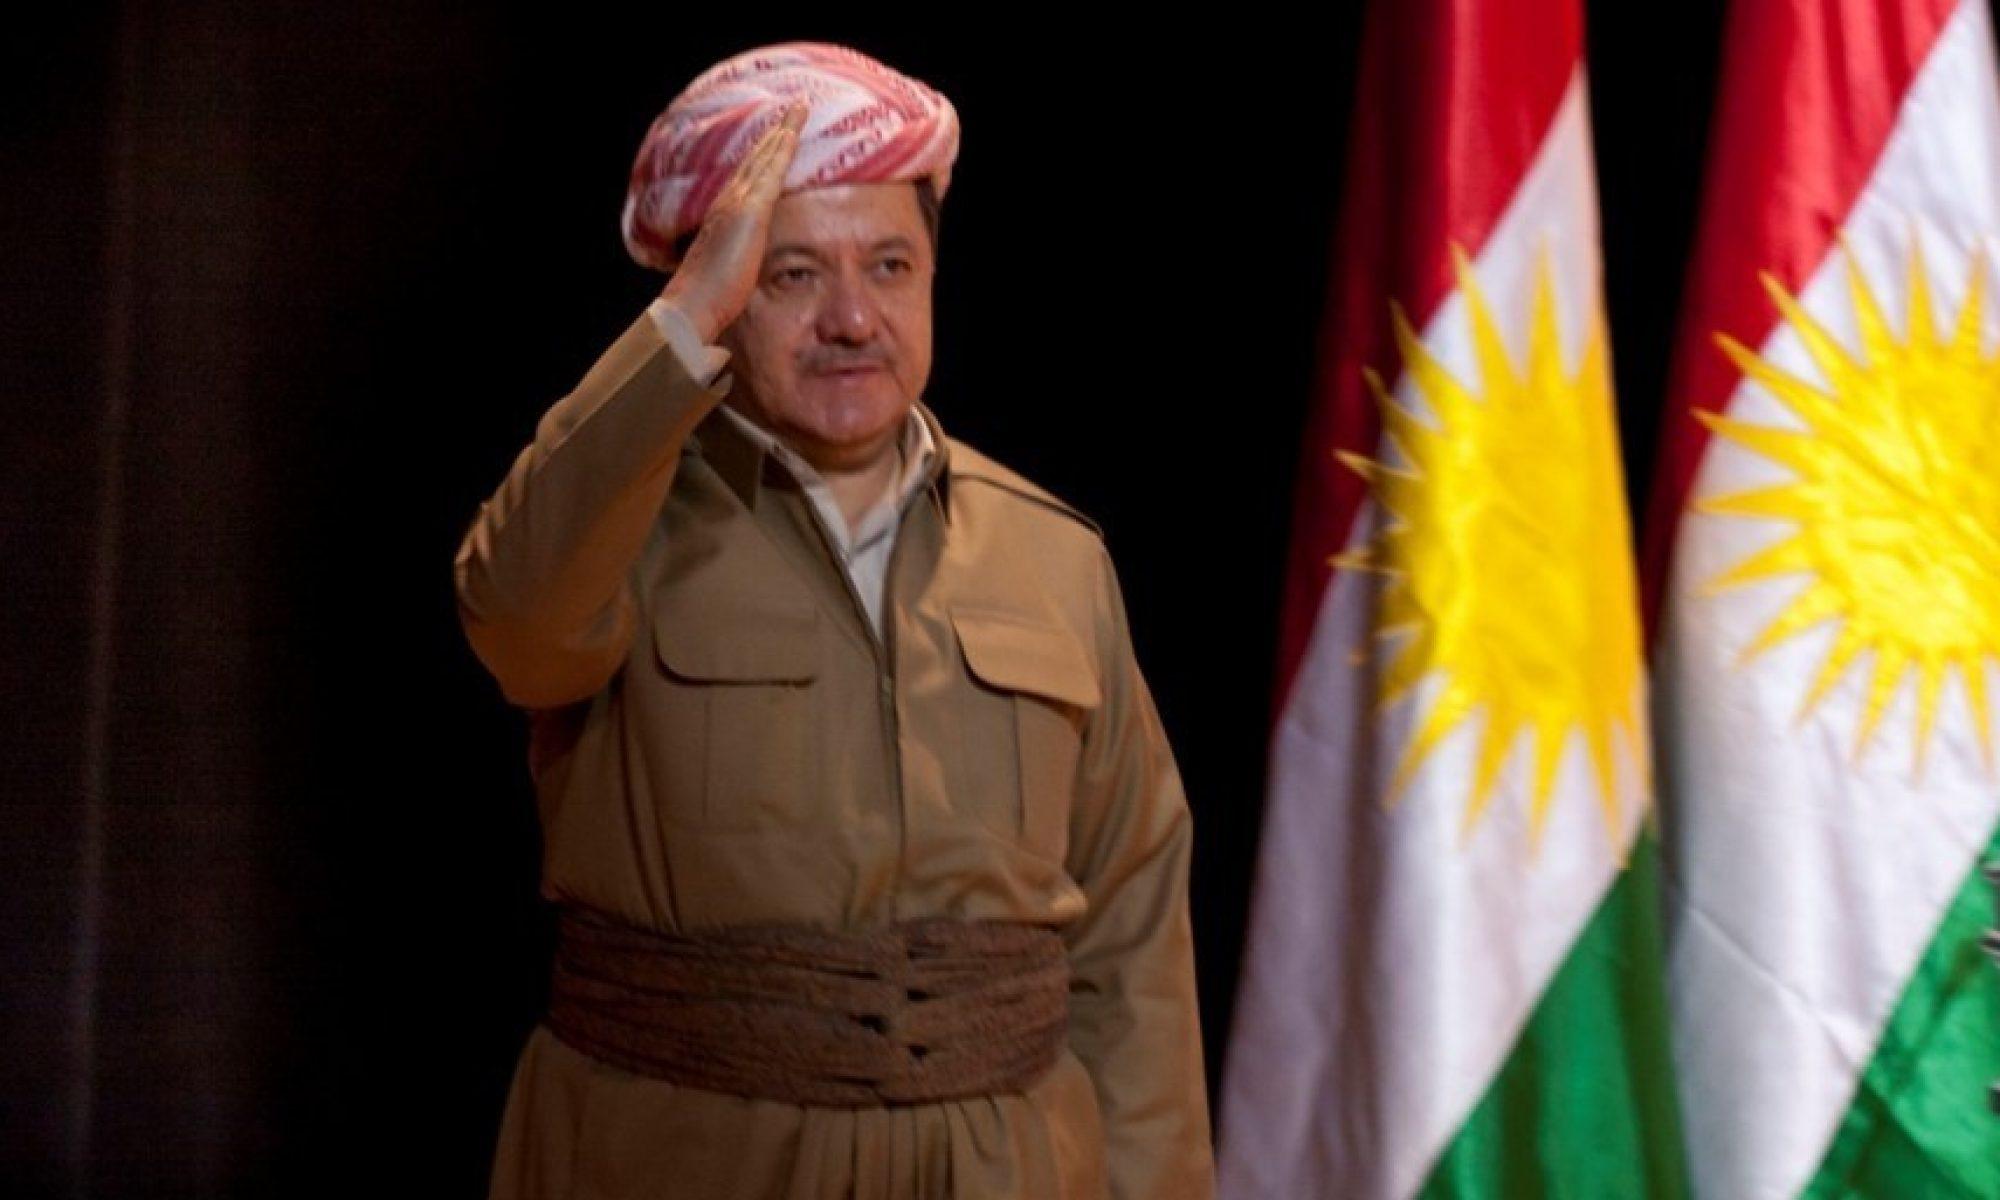 Sihela Direnişinin 3'ünücü yılında Barzani: Cesur Peşmerge Güçlerini tebrik ediyorum Mesut Barzani Kurdistan, Wehel Bakuzi, Pirde